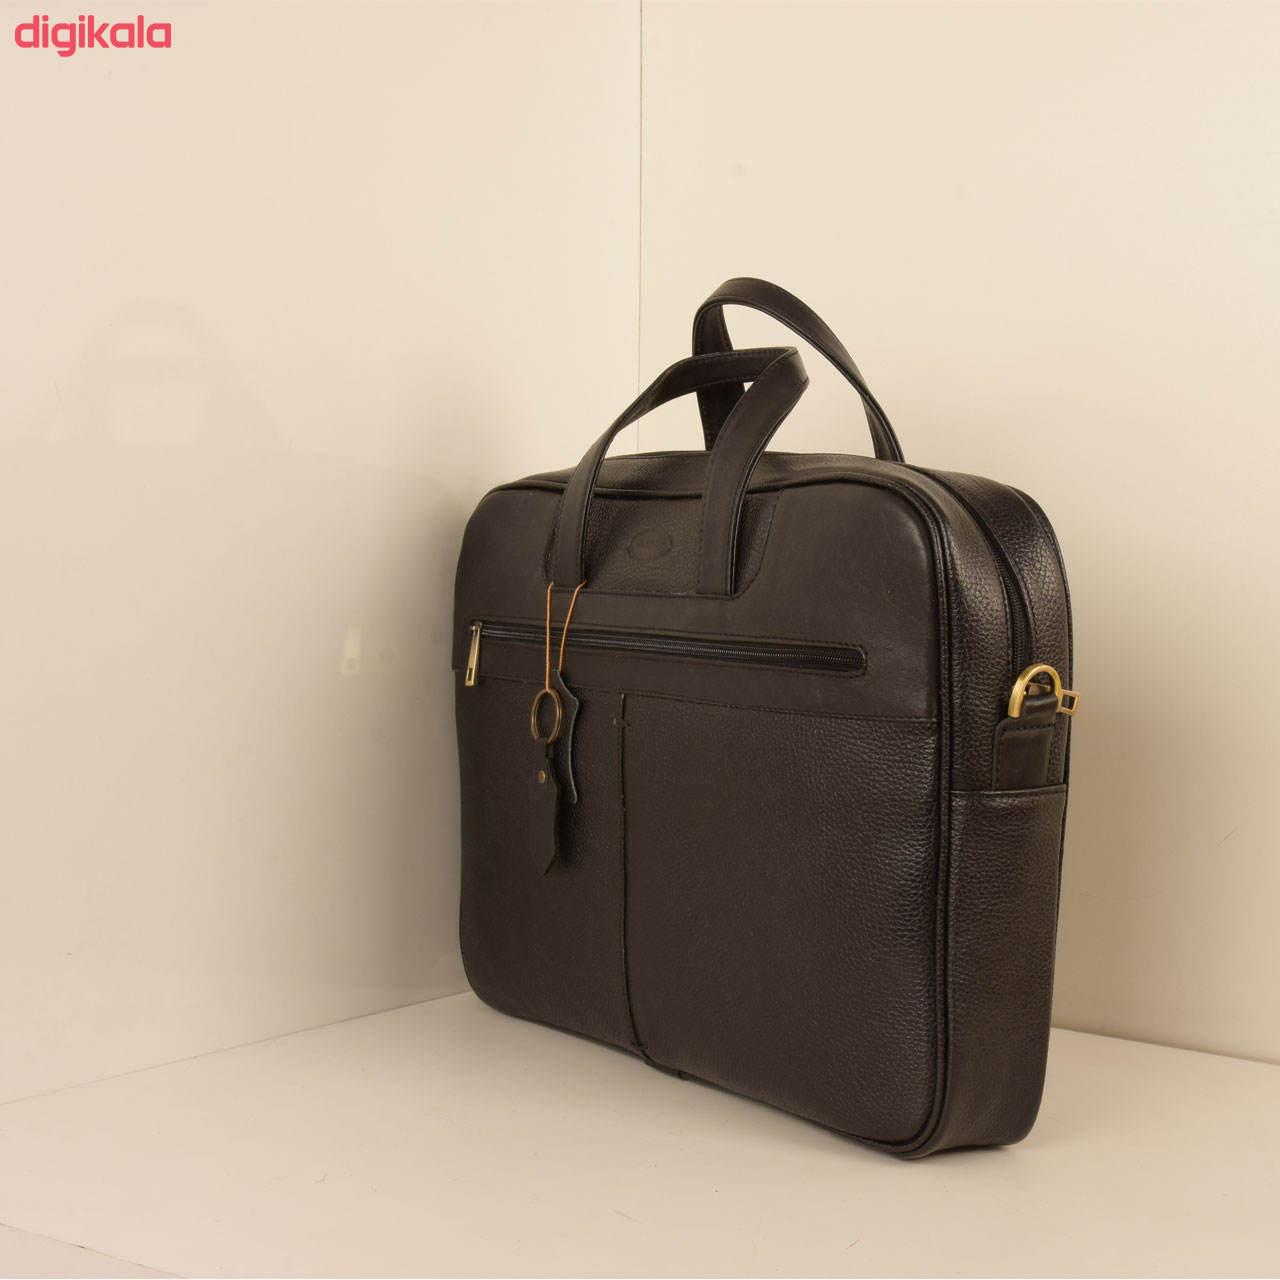 کیف اداری مردانه پارینه چرم مدل L159 main 1 1